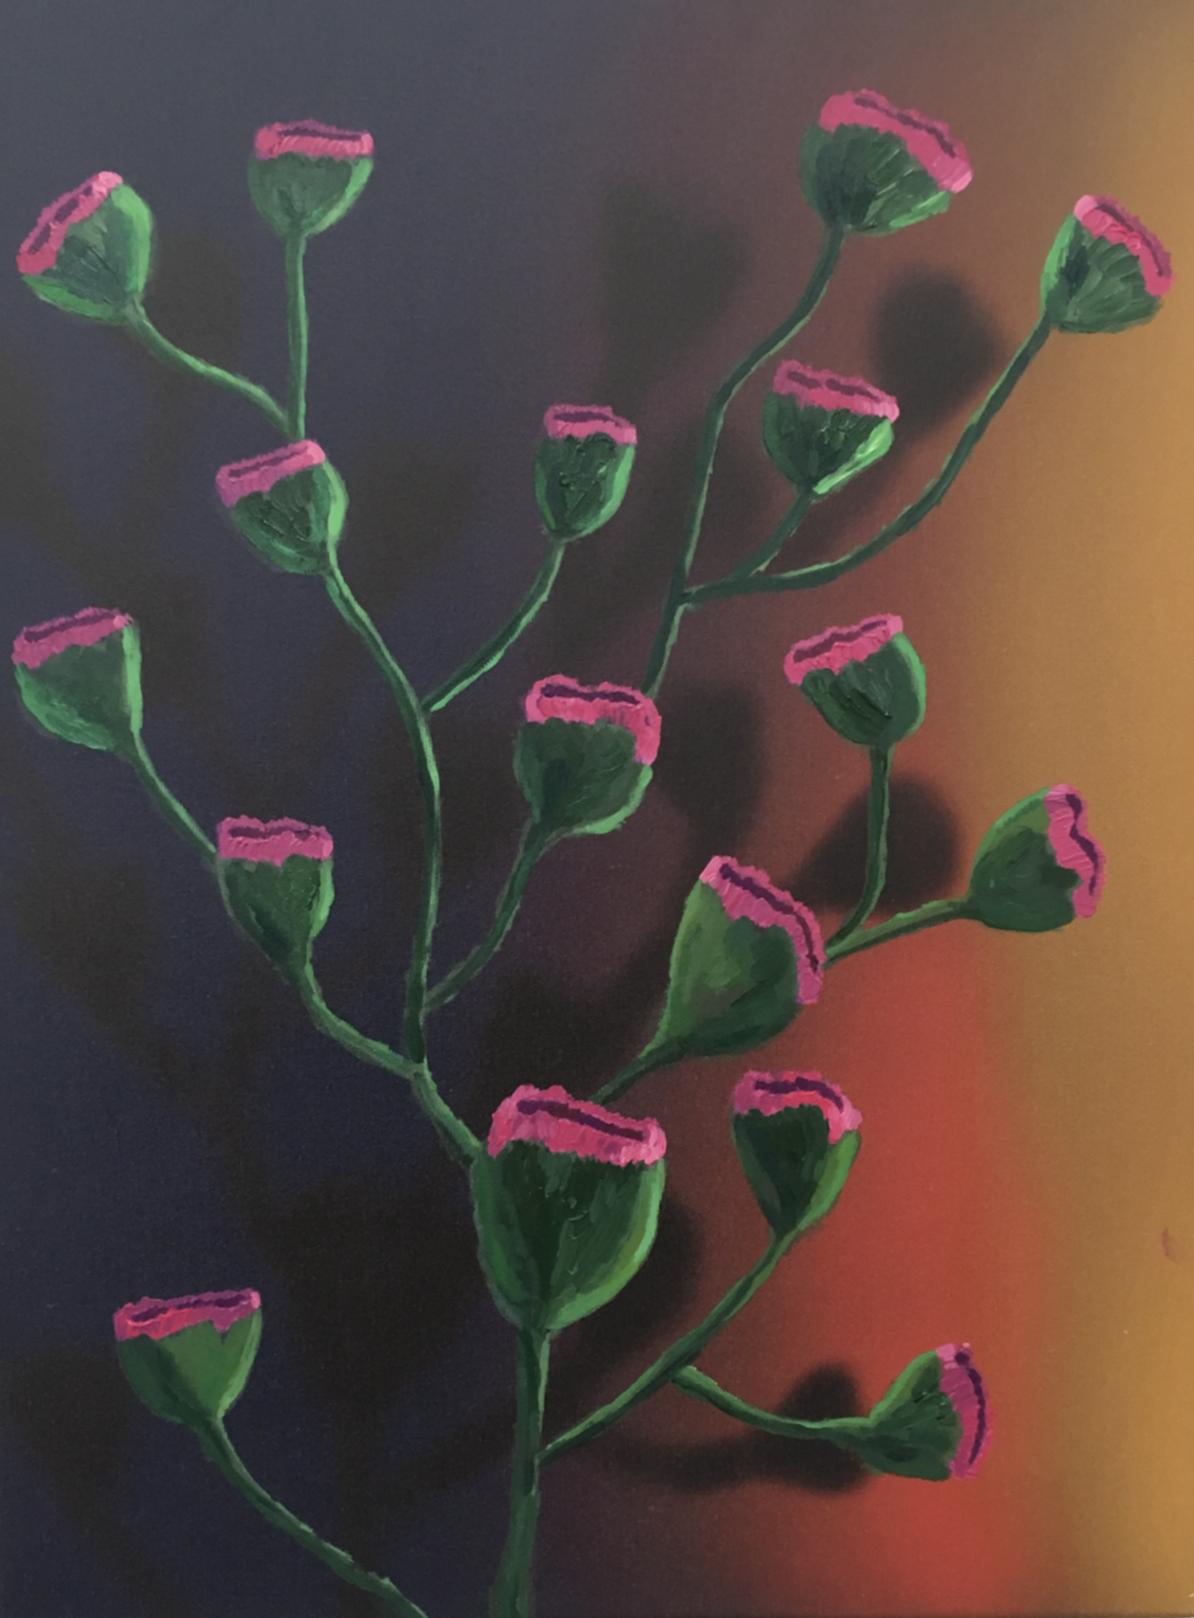 fleurs 3, acrylic on canvas, 45x60cm